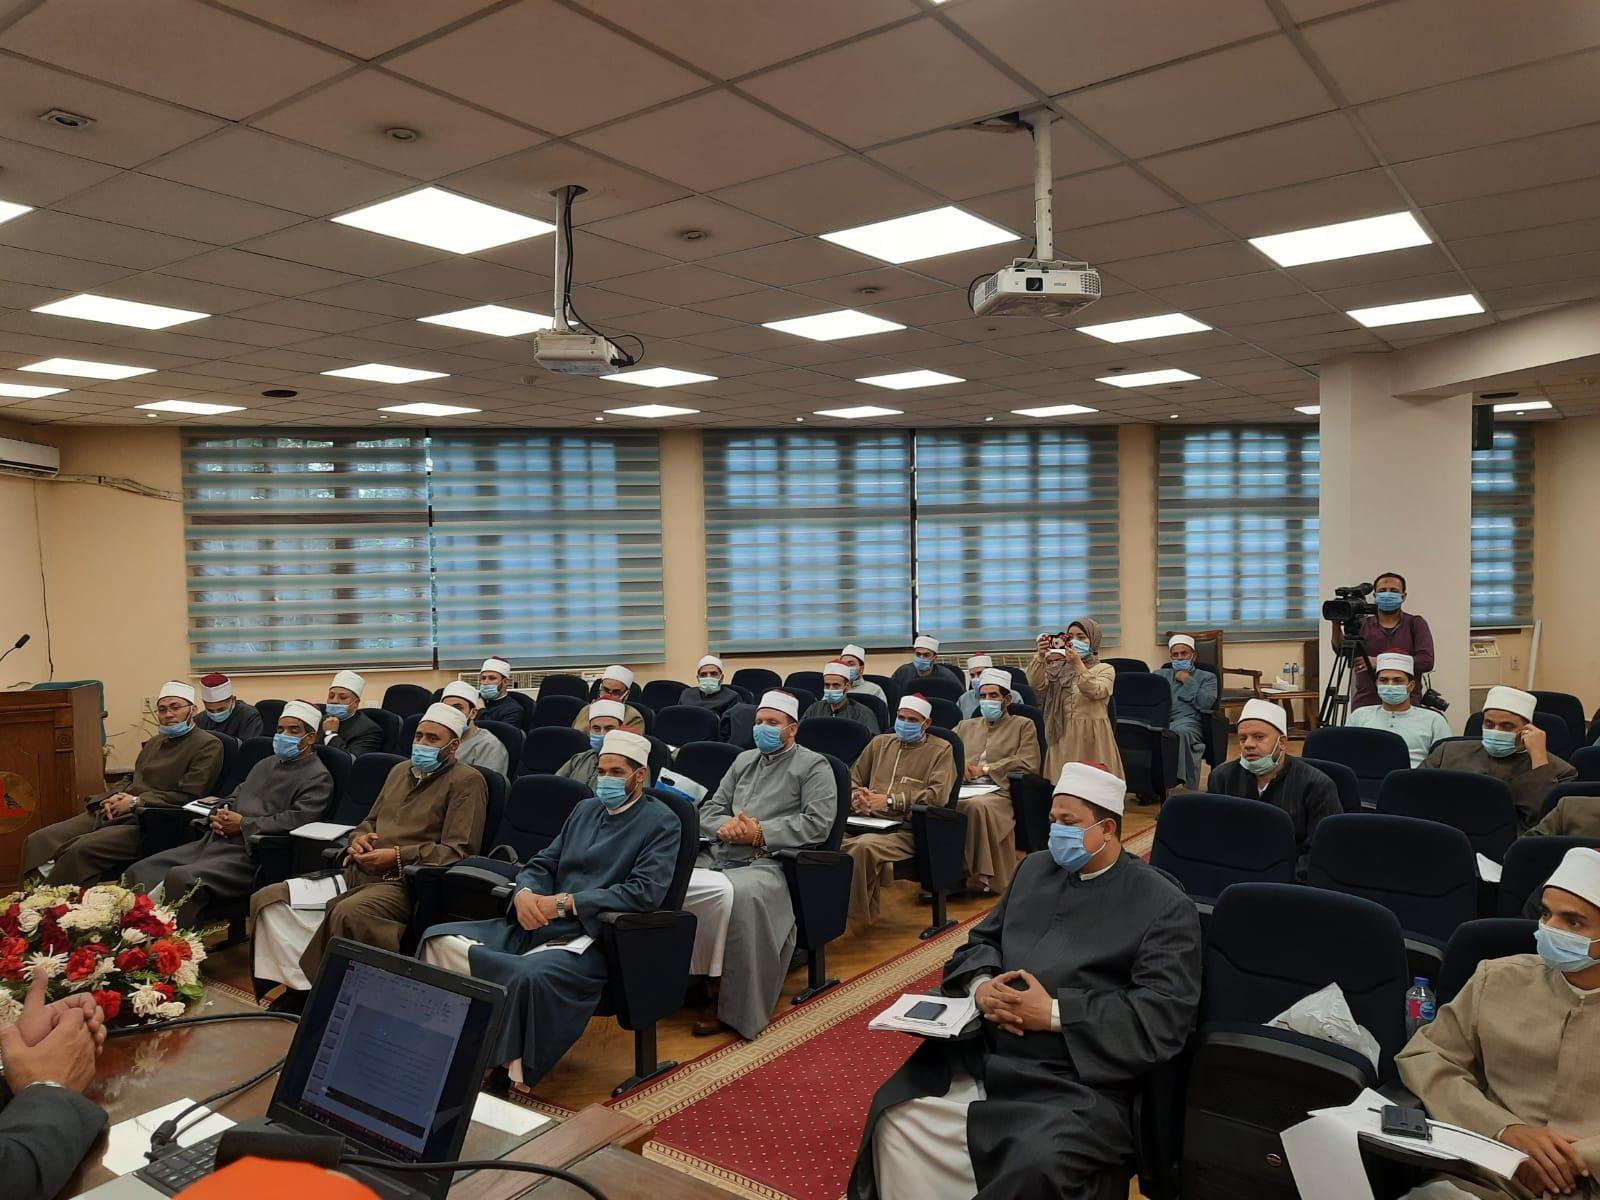 نائب رئيس جامعة عين شمس يشهد ثاني أيام دورة المهارات الإعلامية لأئمة الأوقاف بكلية الآداب